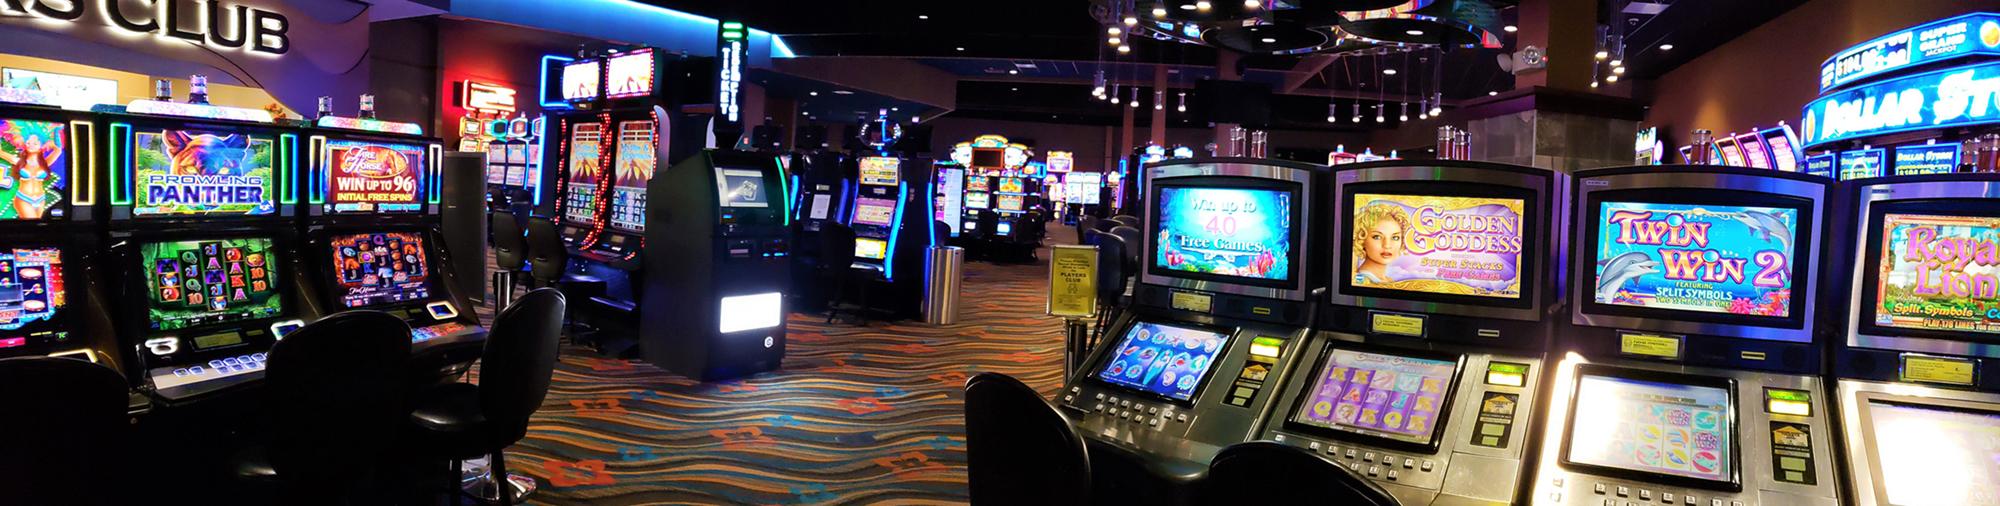 Ganhar dinheiro no casino